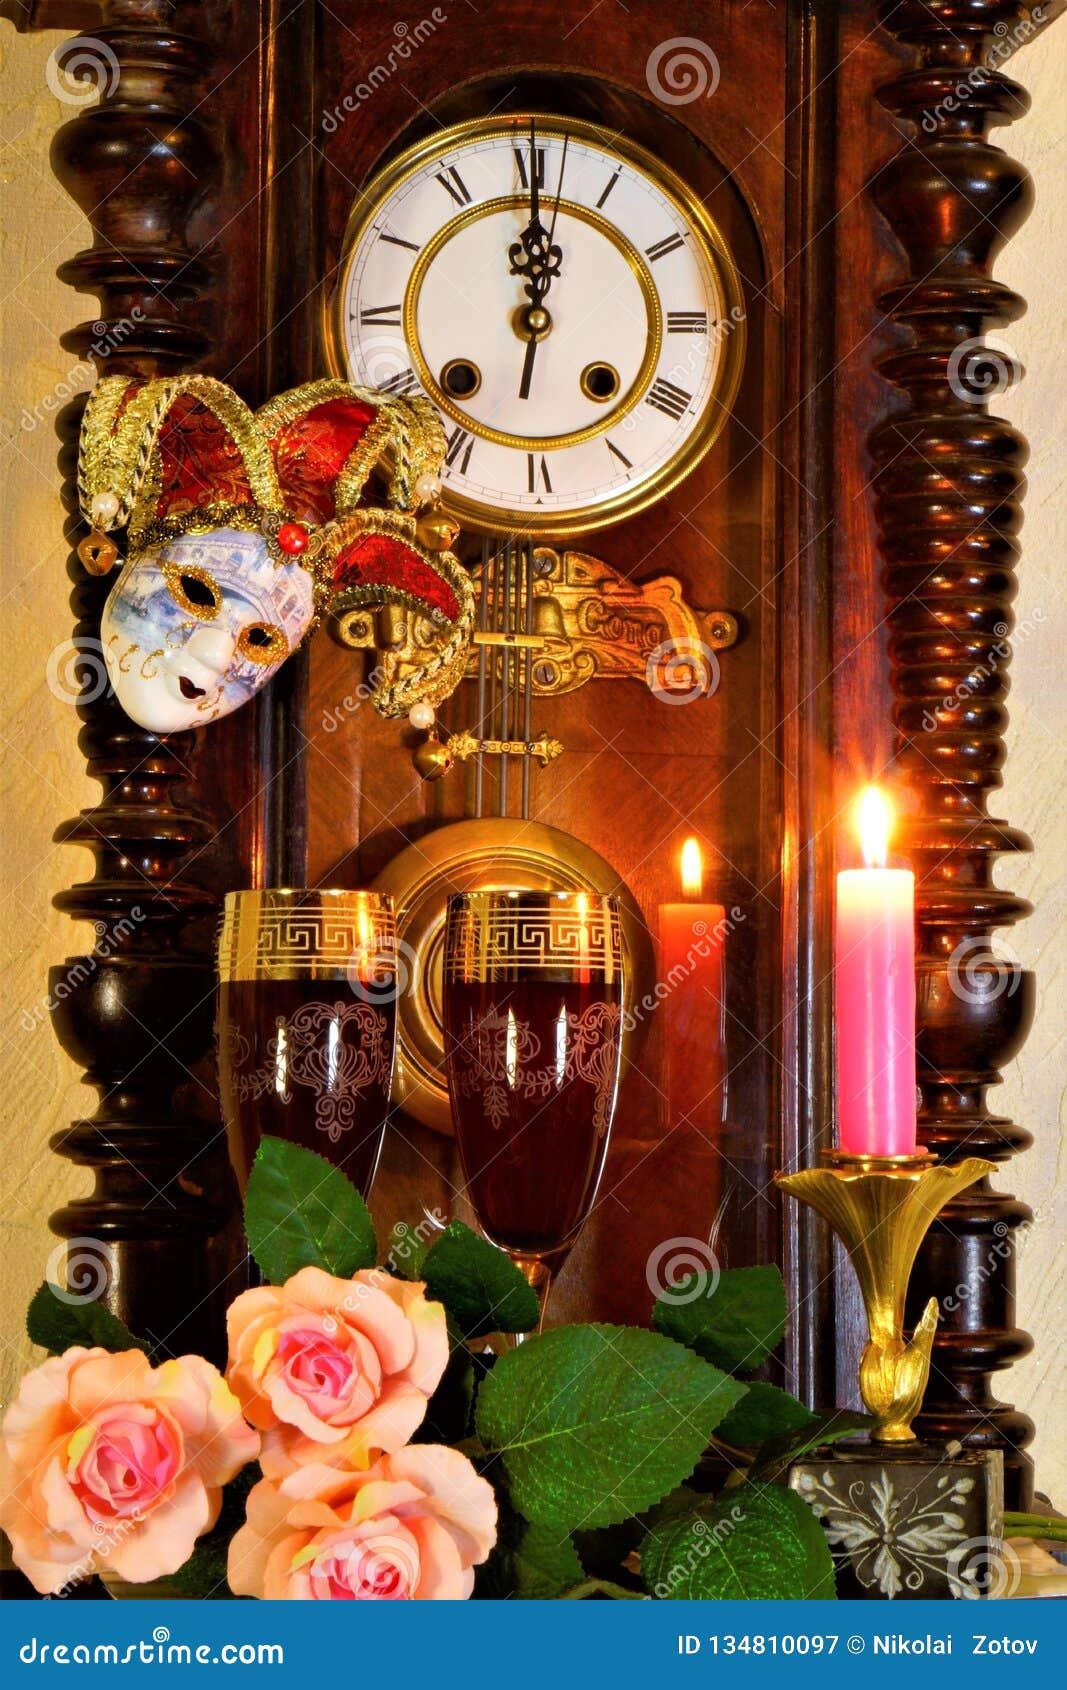 葡萄酒时间的时钟标志,使人想起过去和未来,在狂欢节的开始的下计数 假日,供人潮笑者的mas